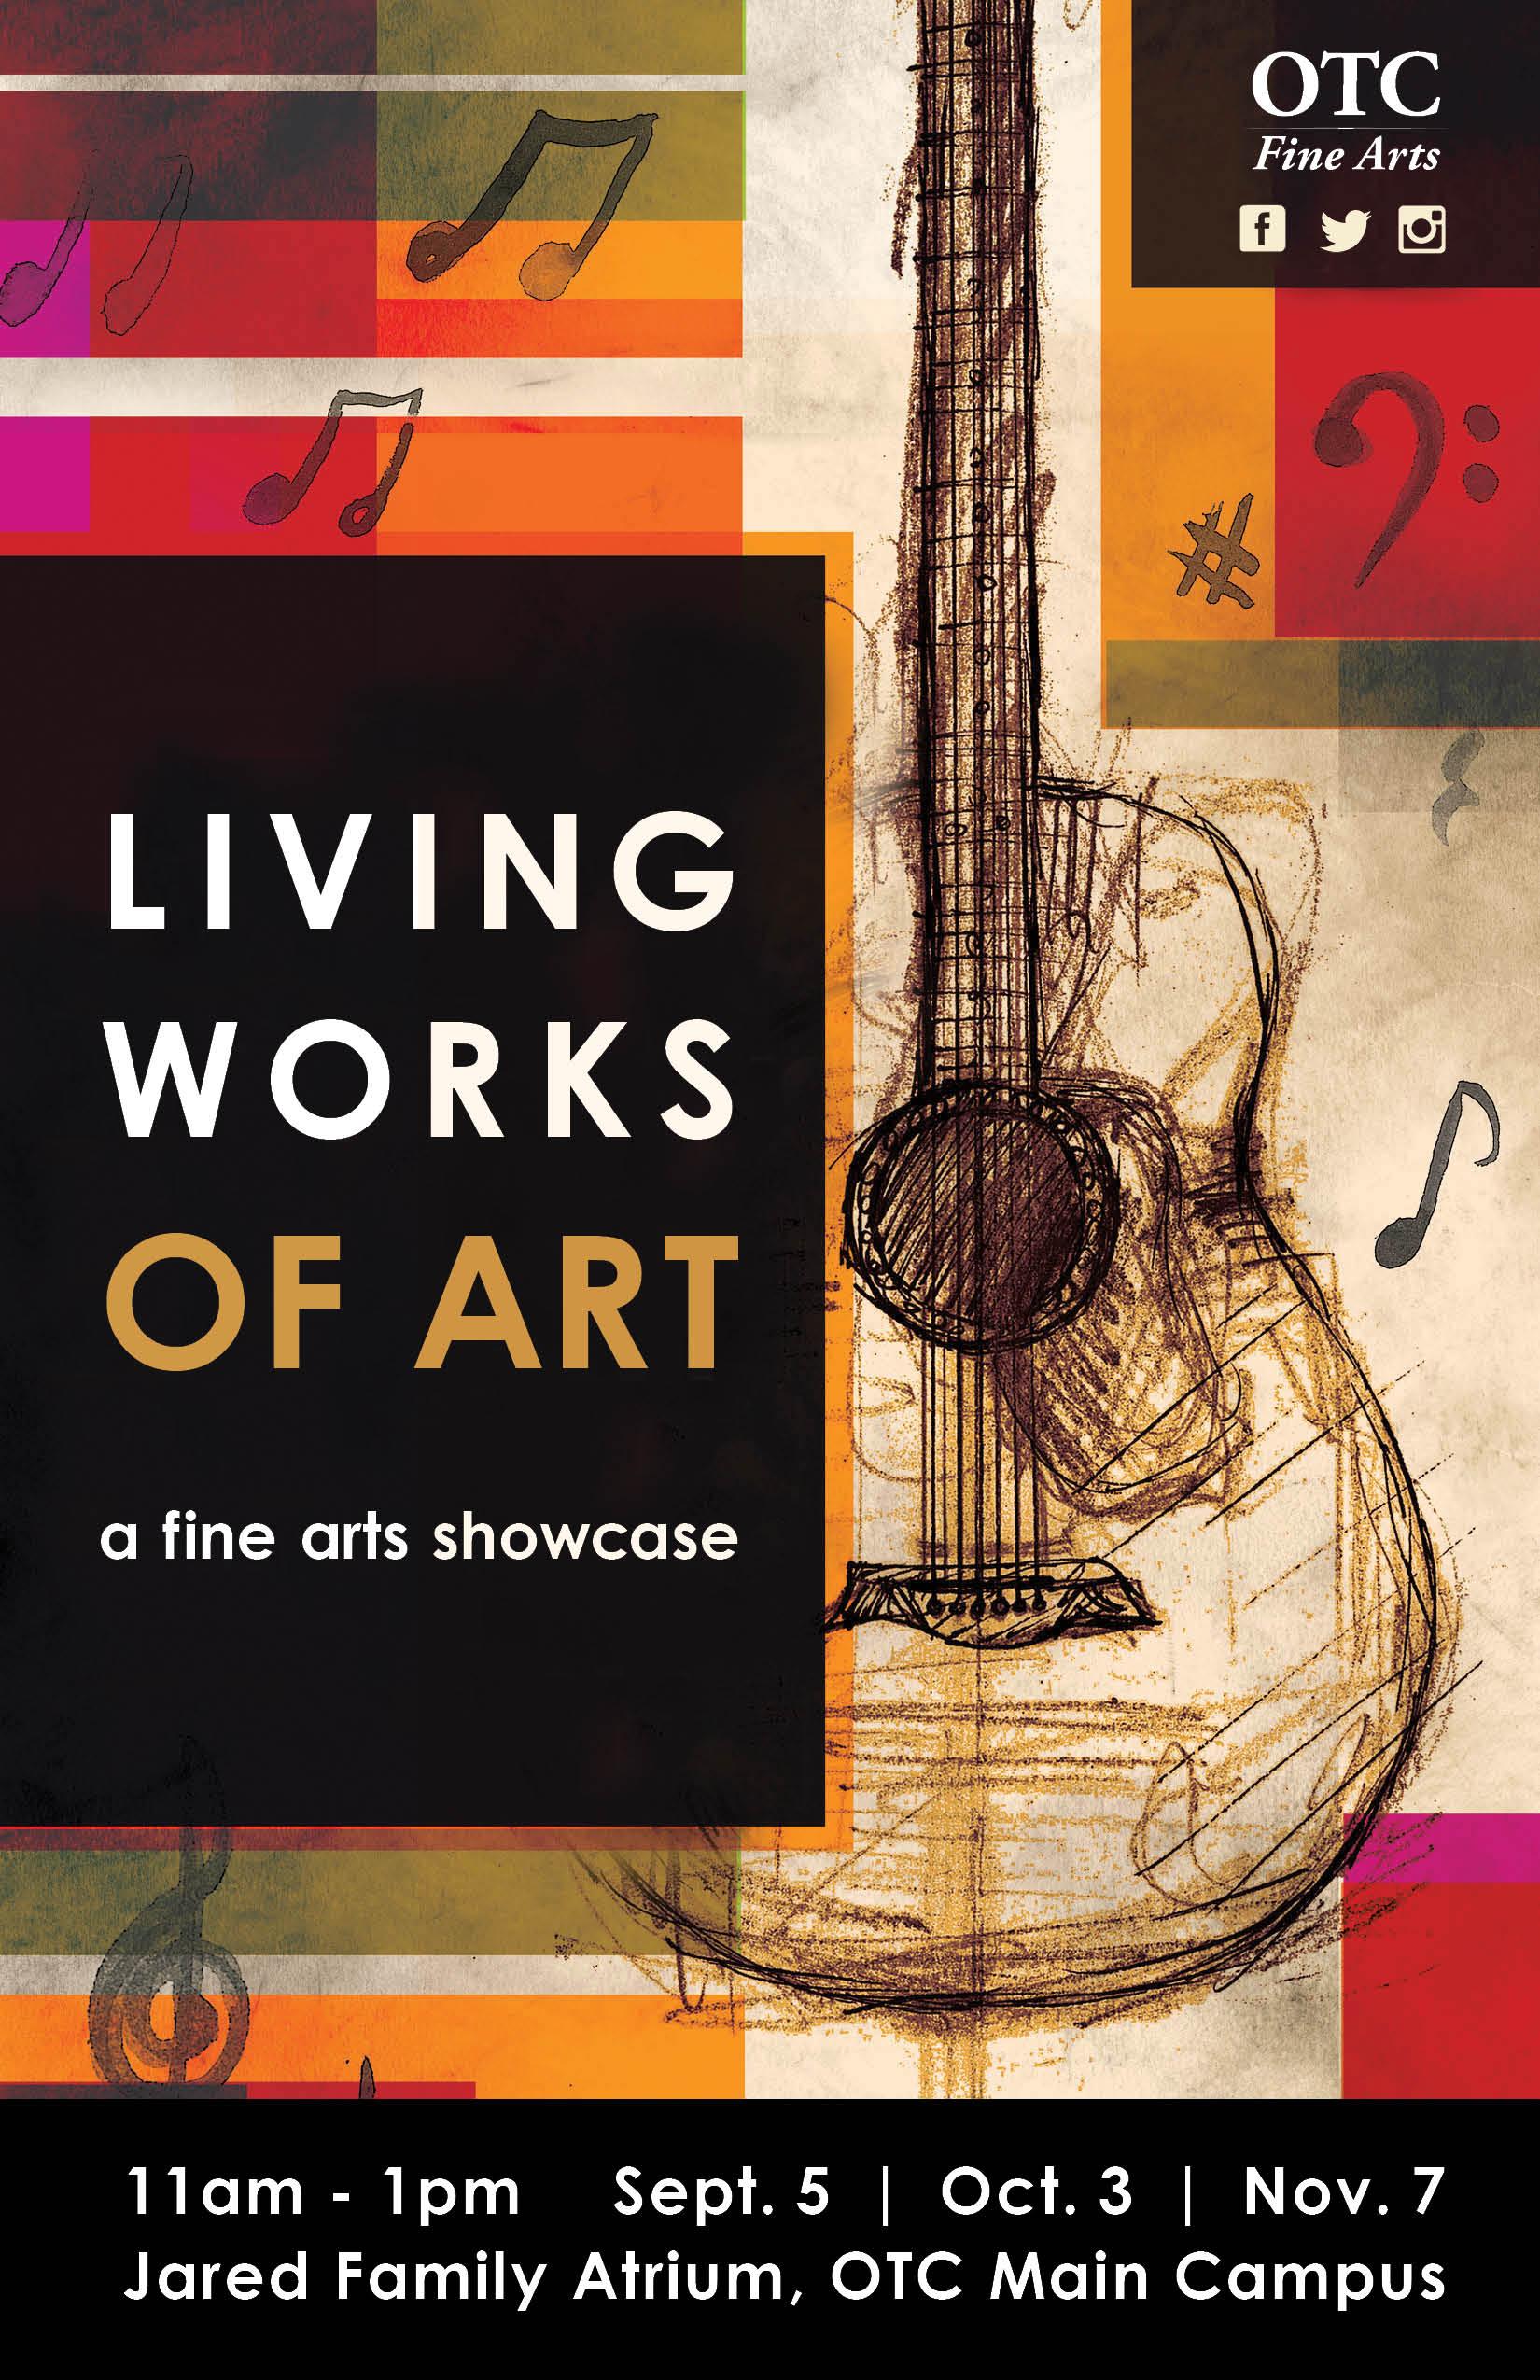 Living Works of Art Poster